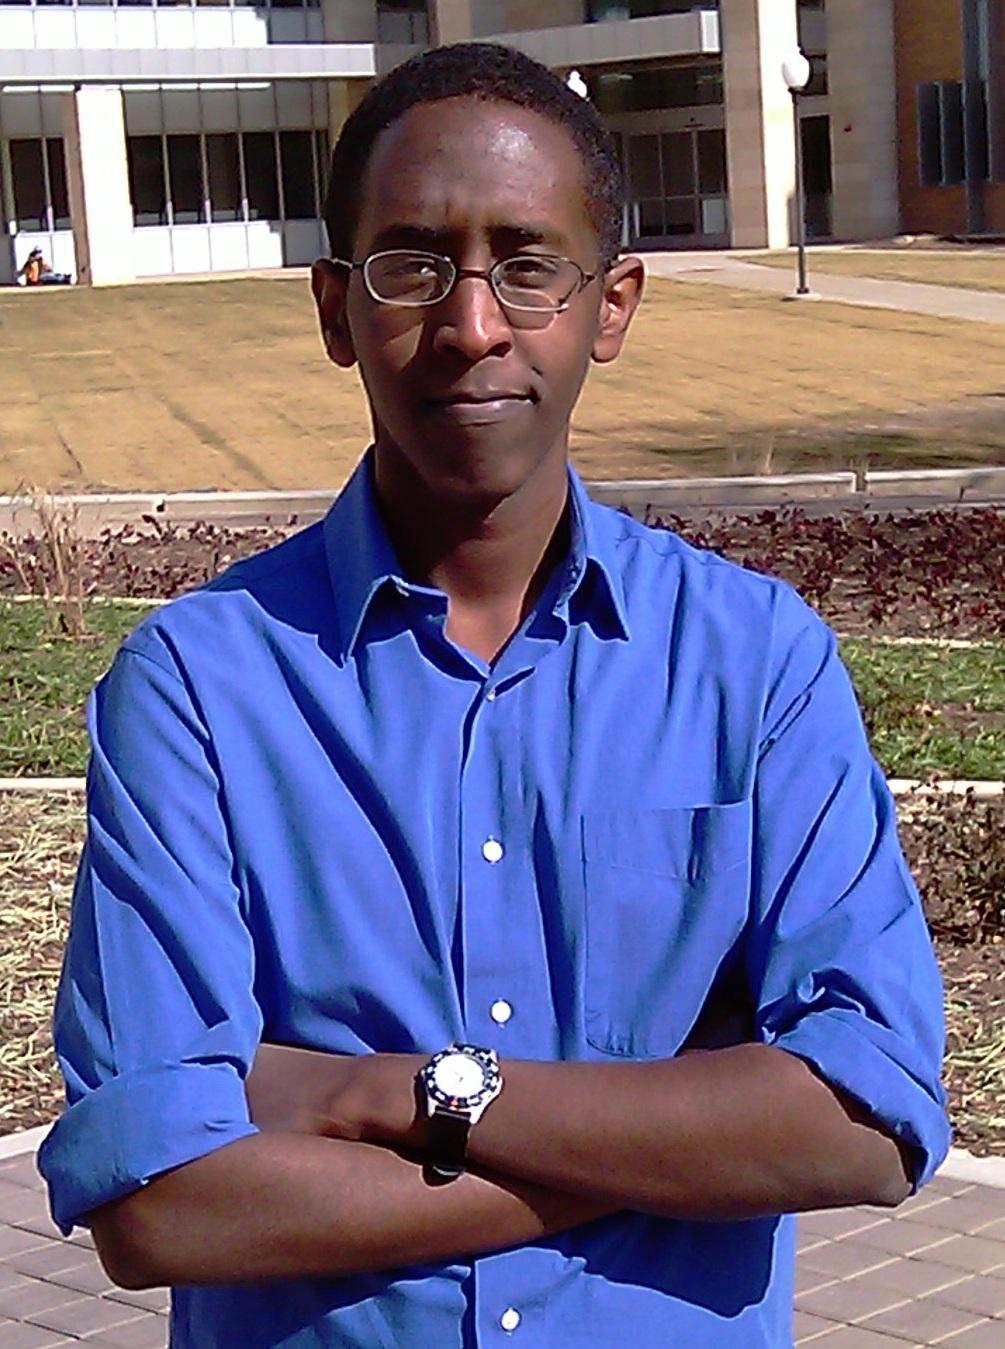 Five Questions Friday: Senai Andai, student at University of Texas at Arlington